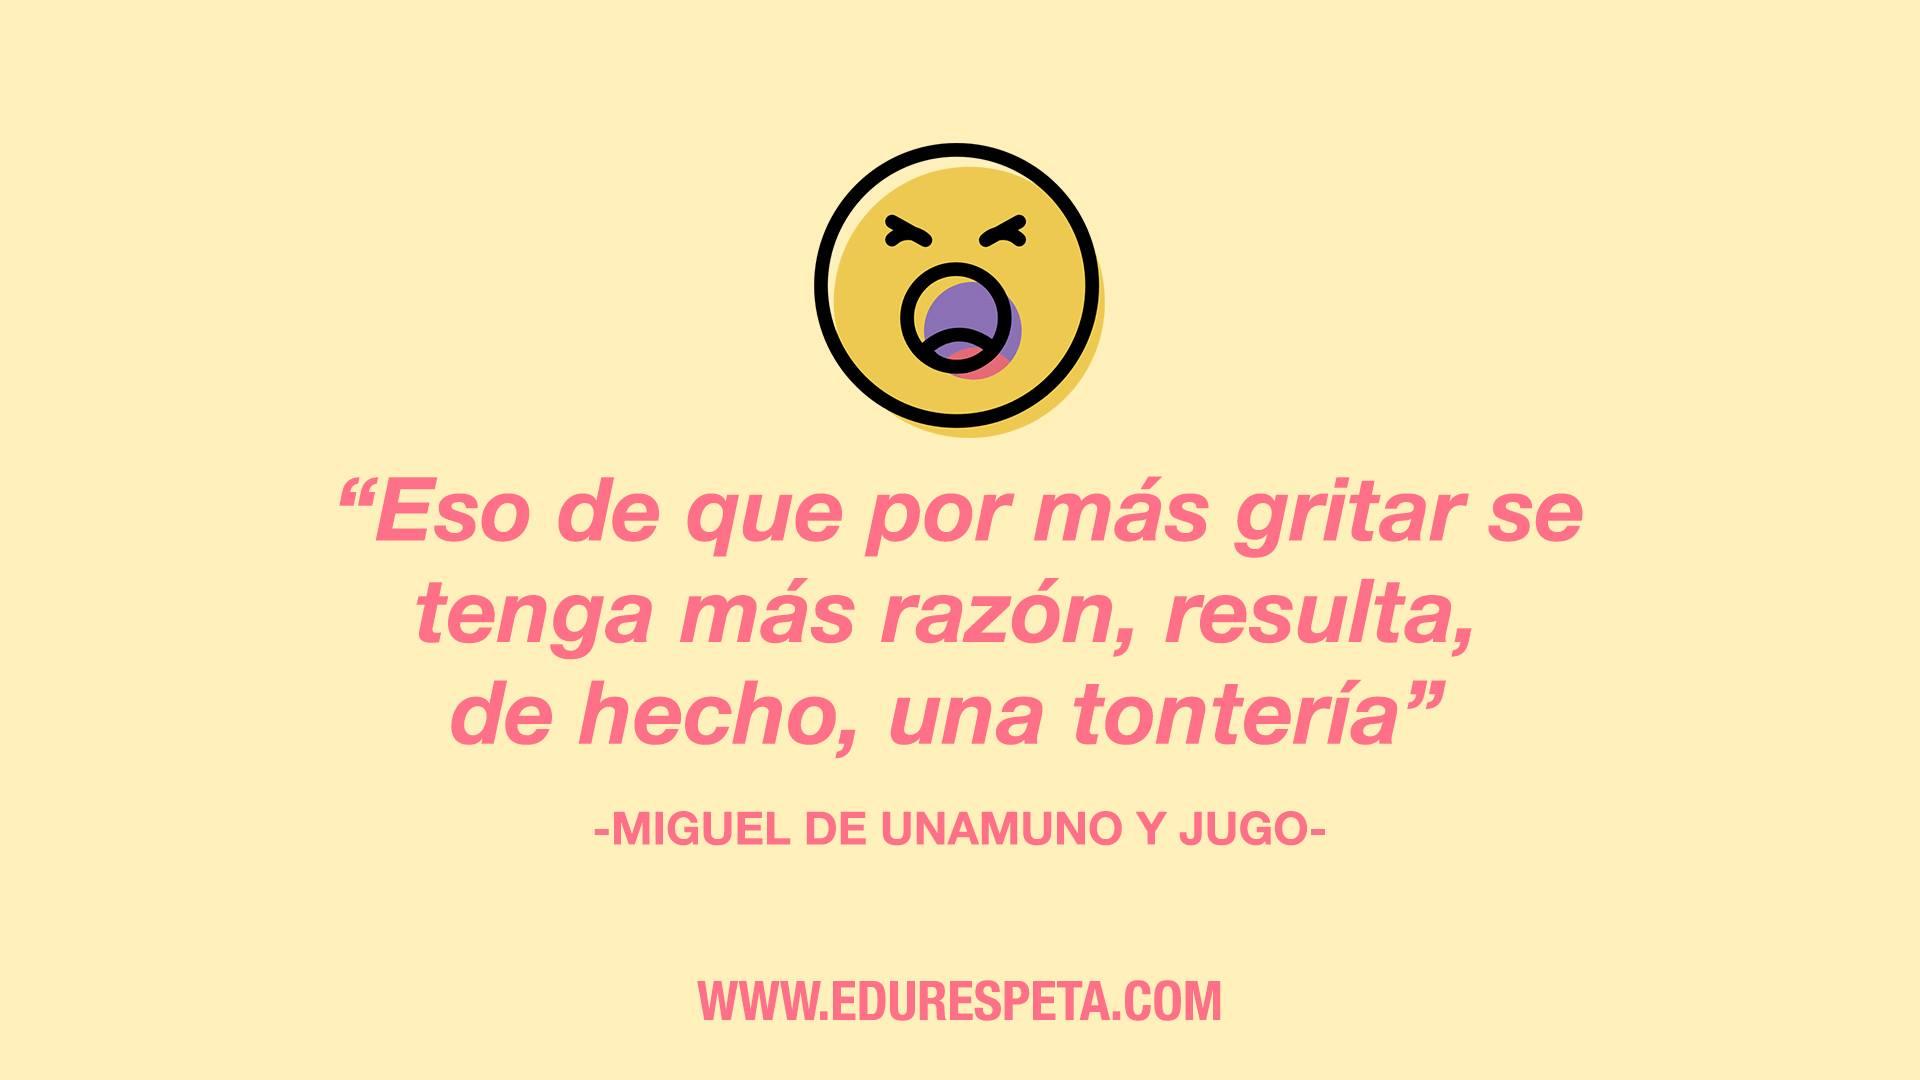 Aprende cómo dejar de gritar a tus hijos Edurespeta Tania García